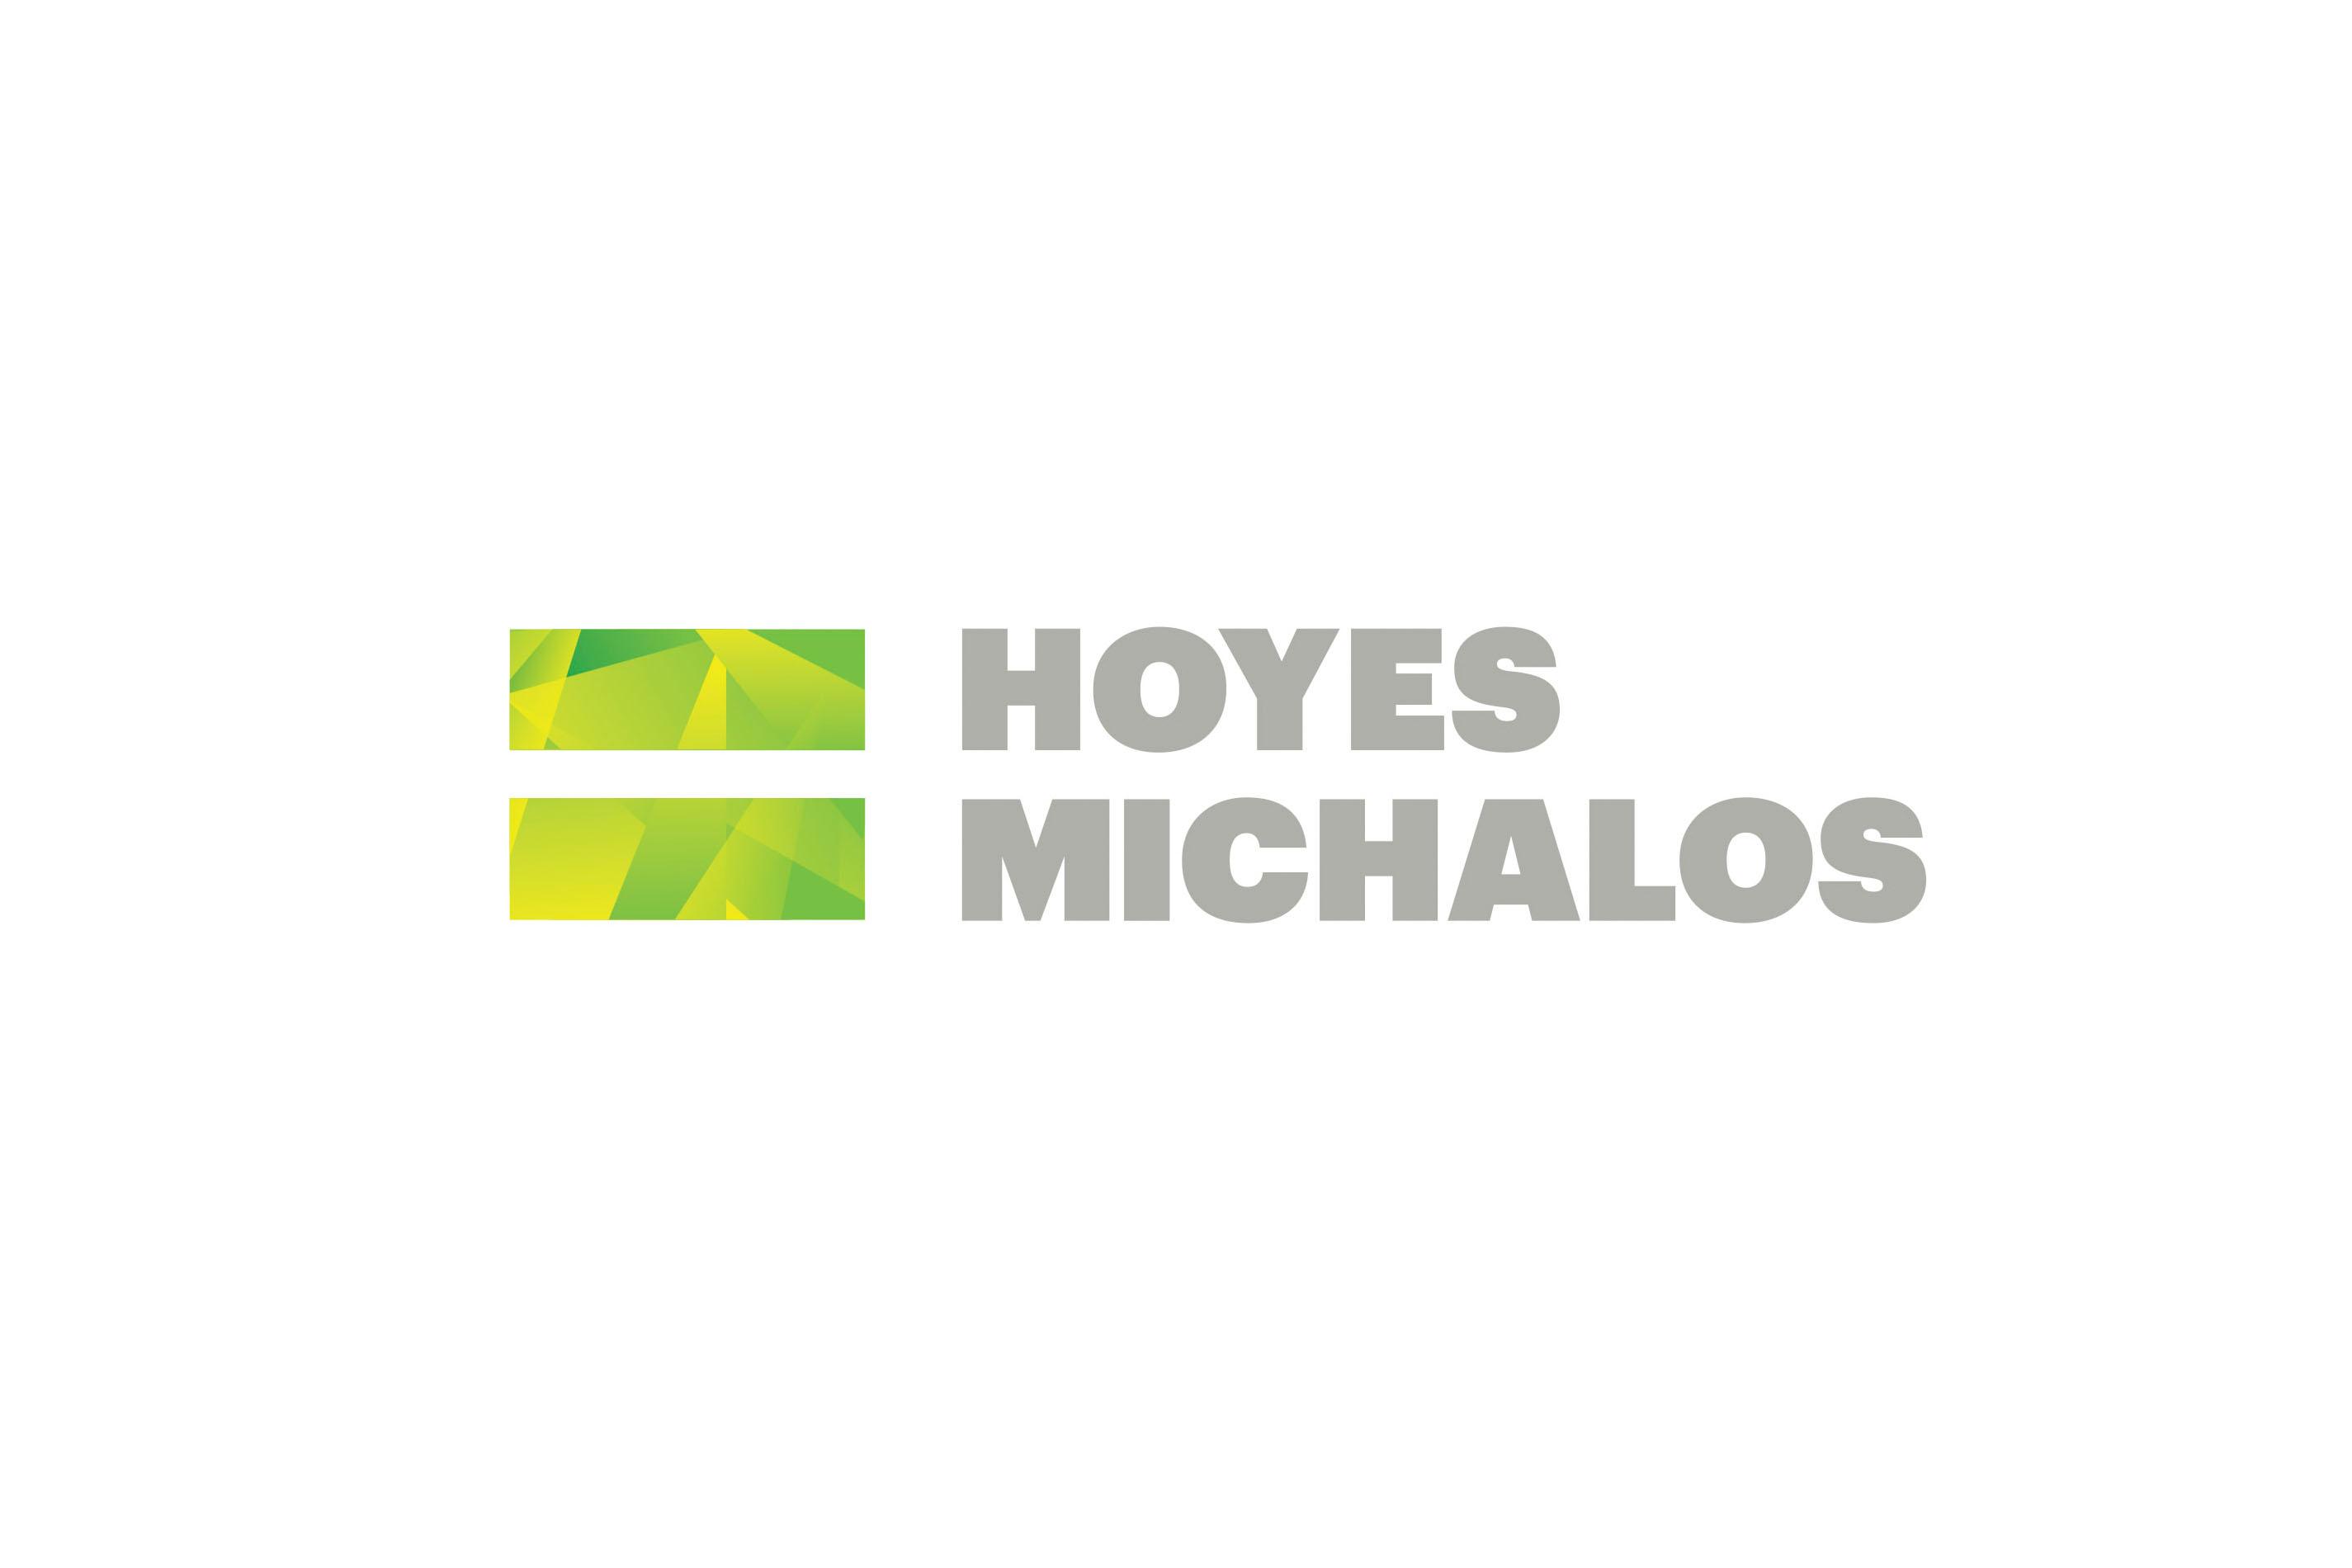 HoyesMichalos_Logo